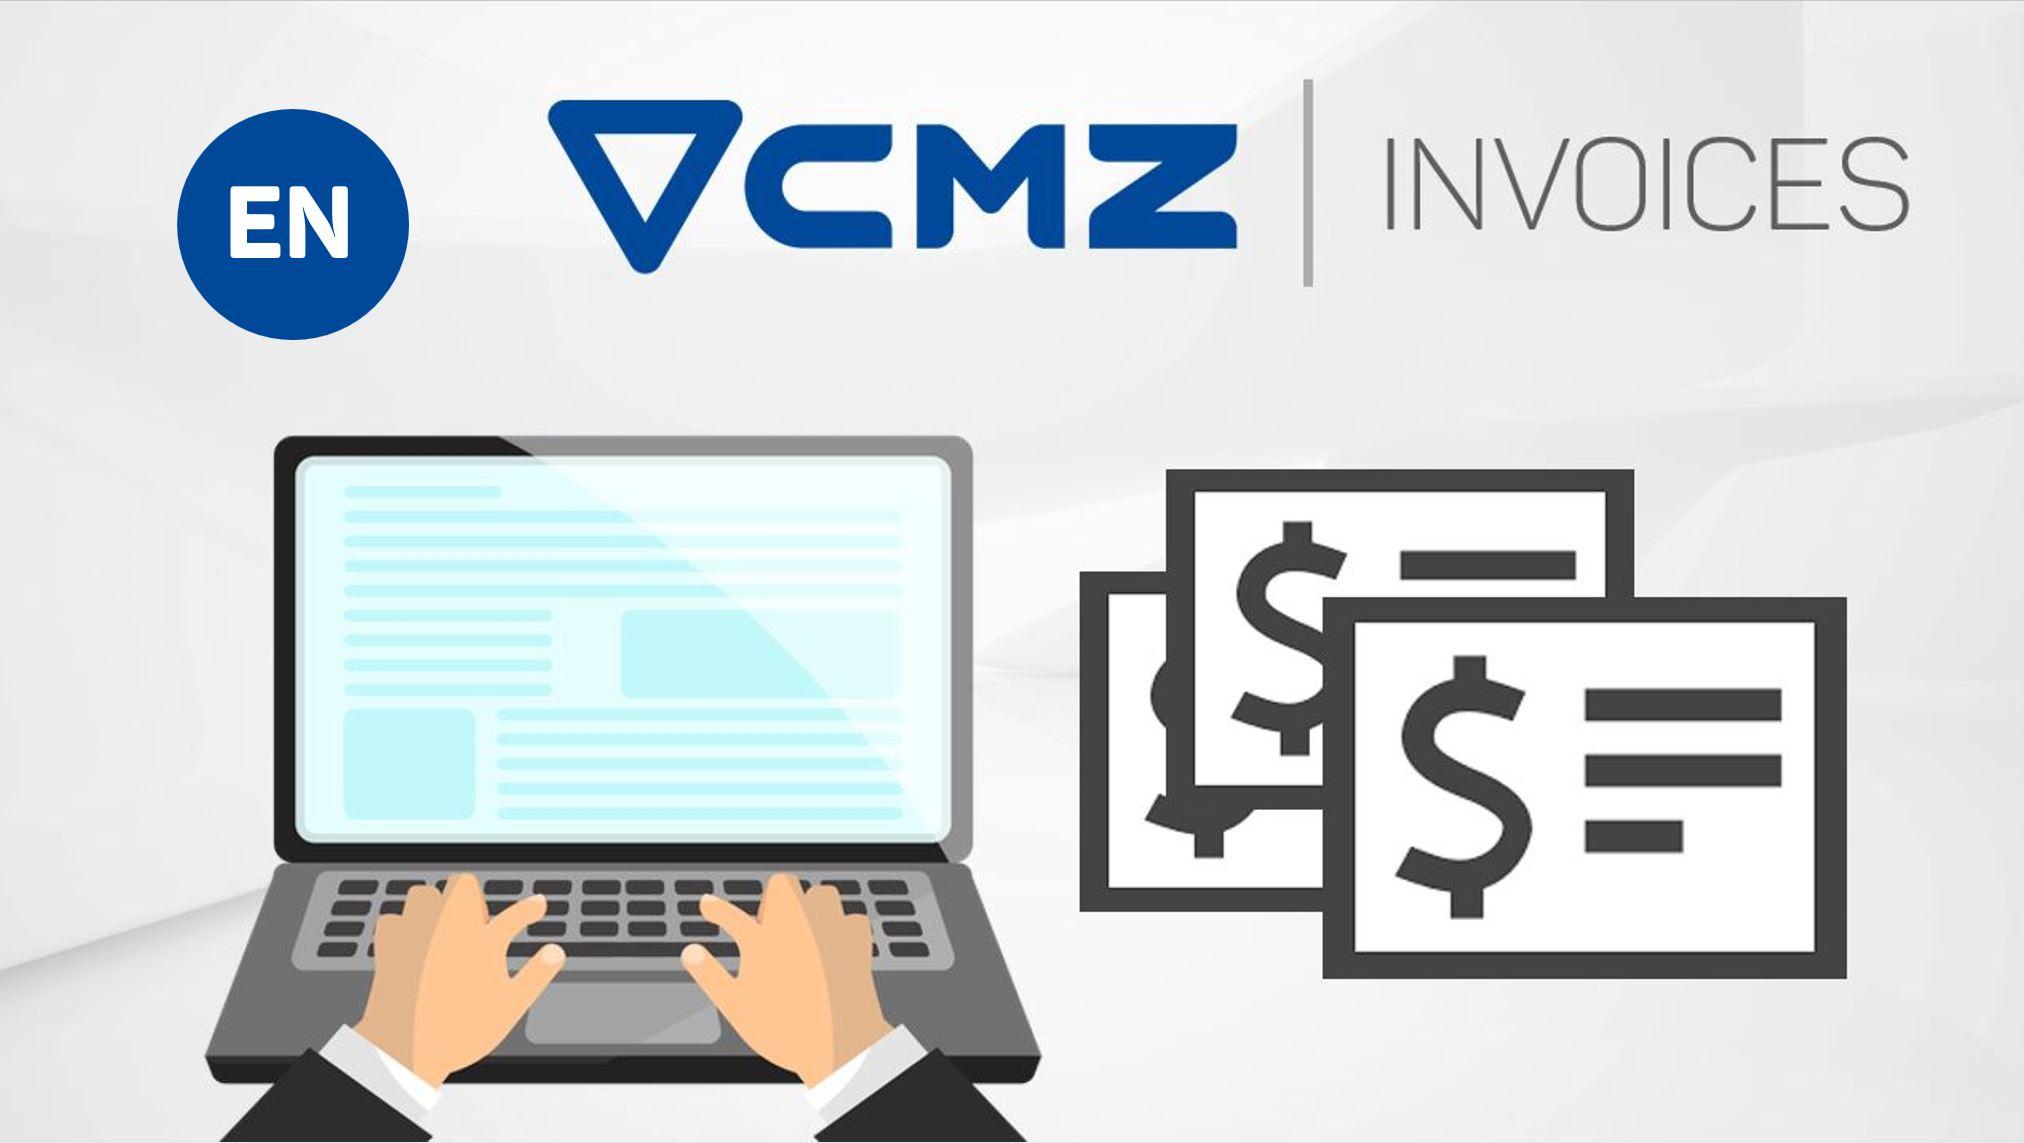 invoices cmz